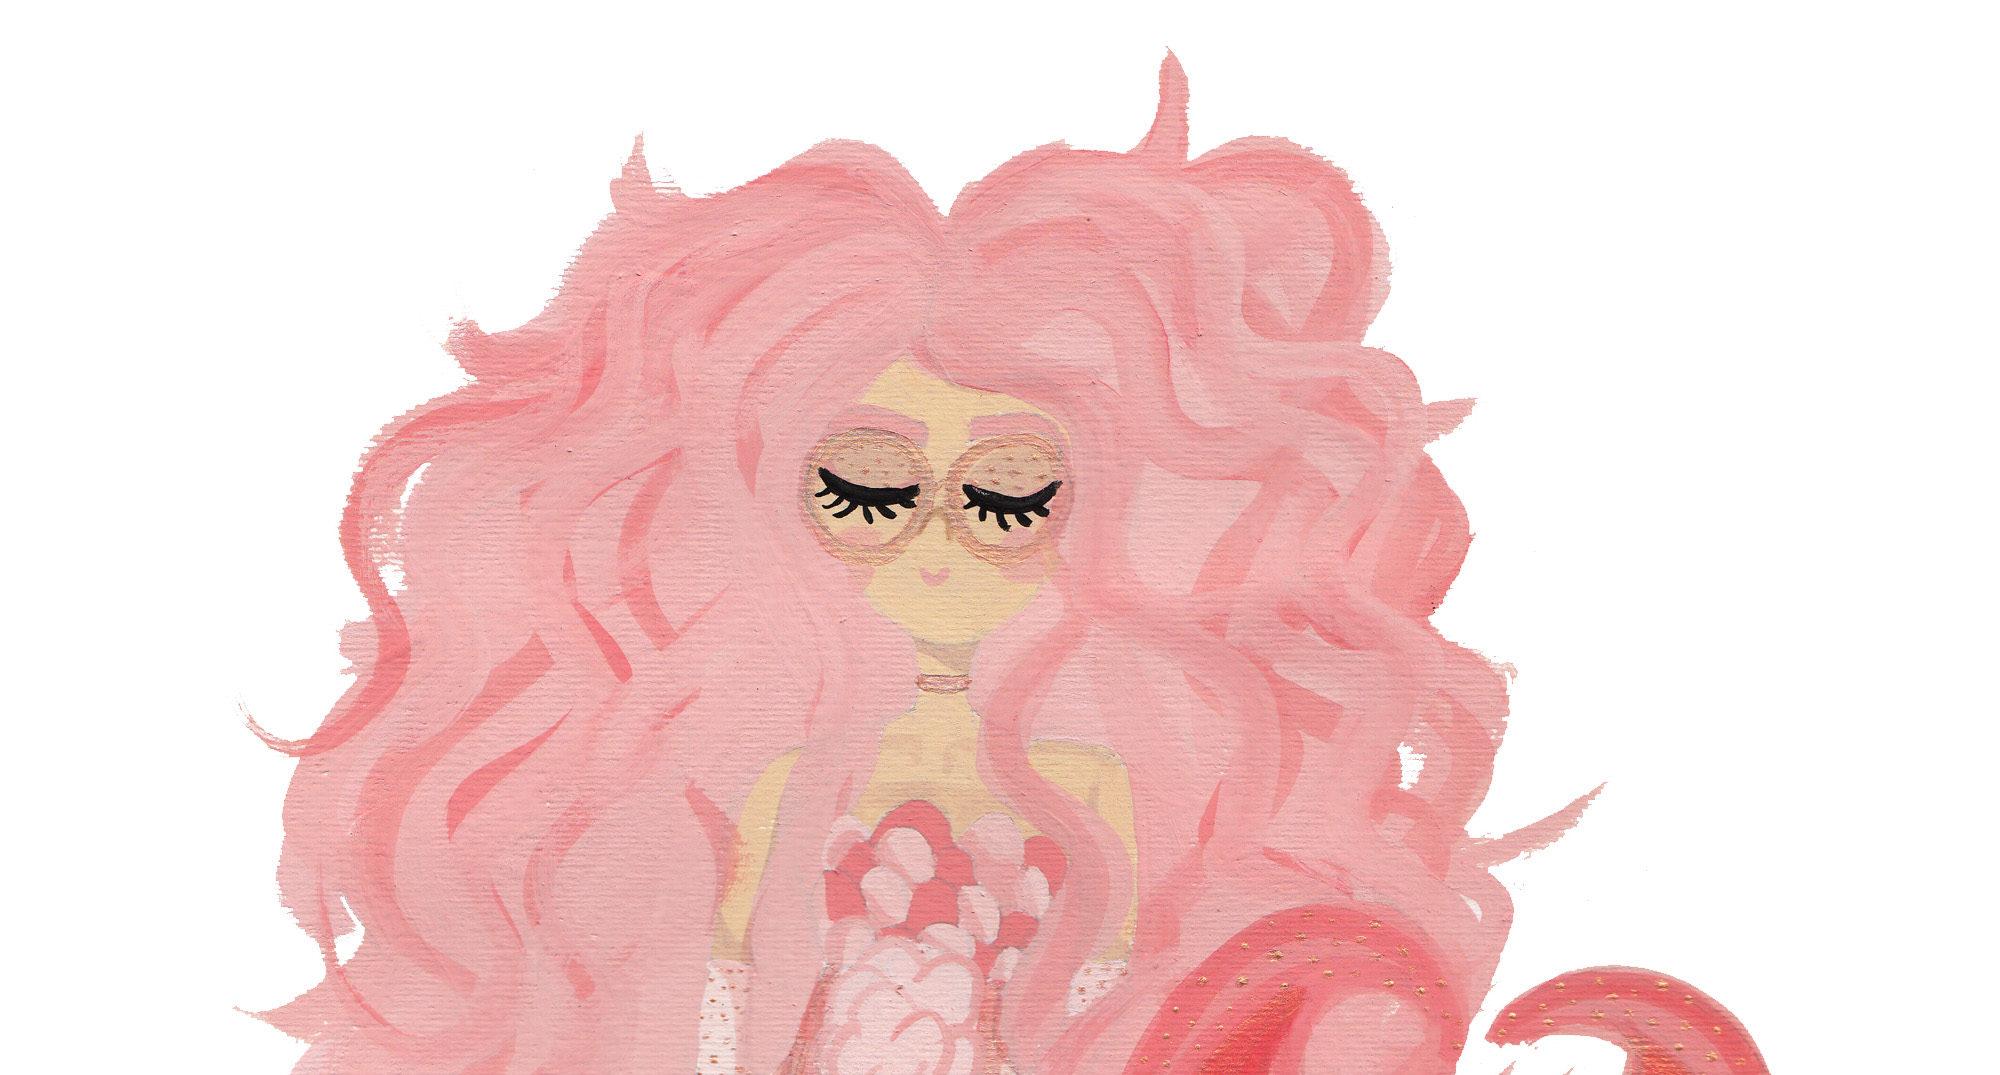 Pink mermaid illustration